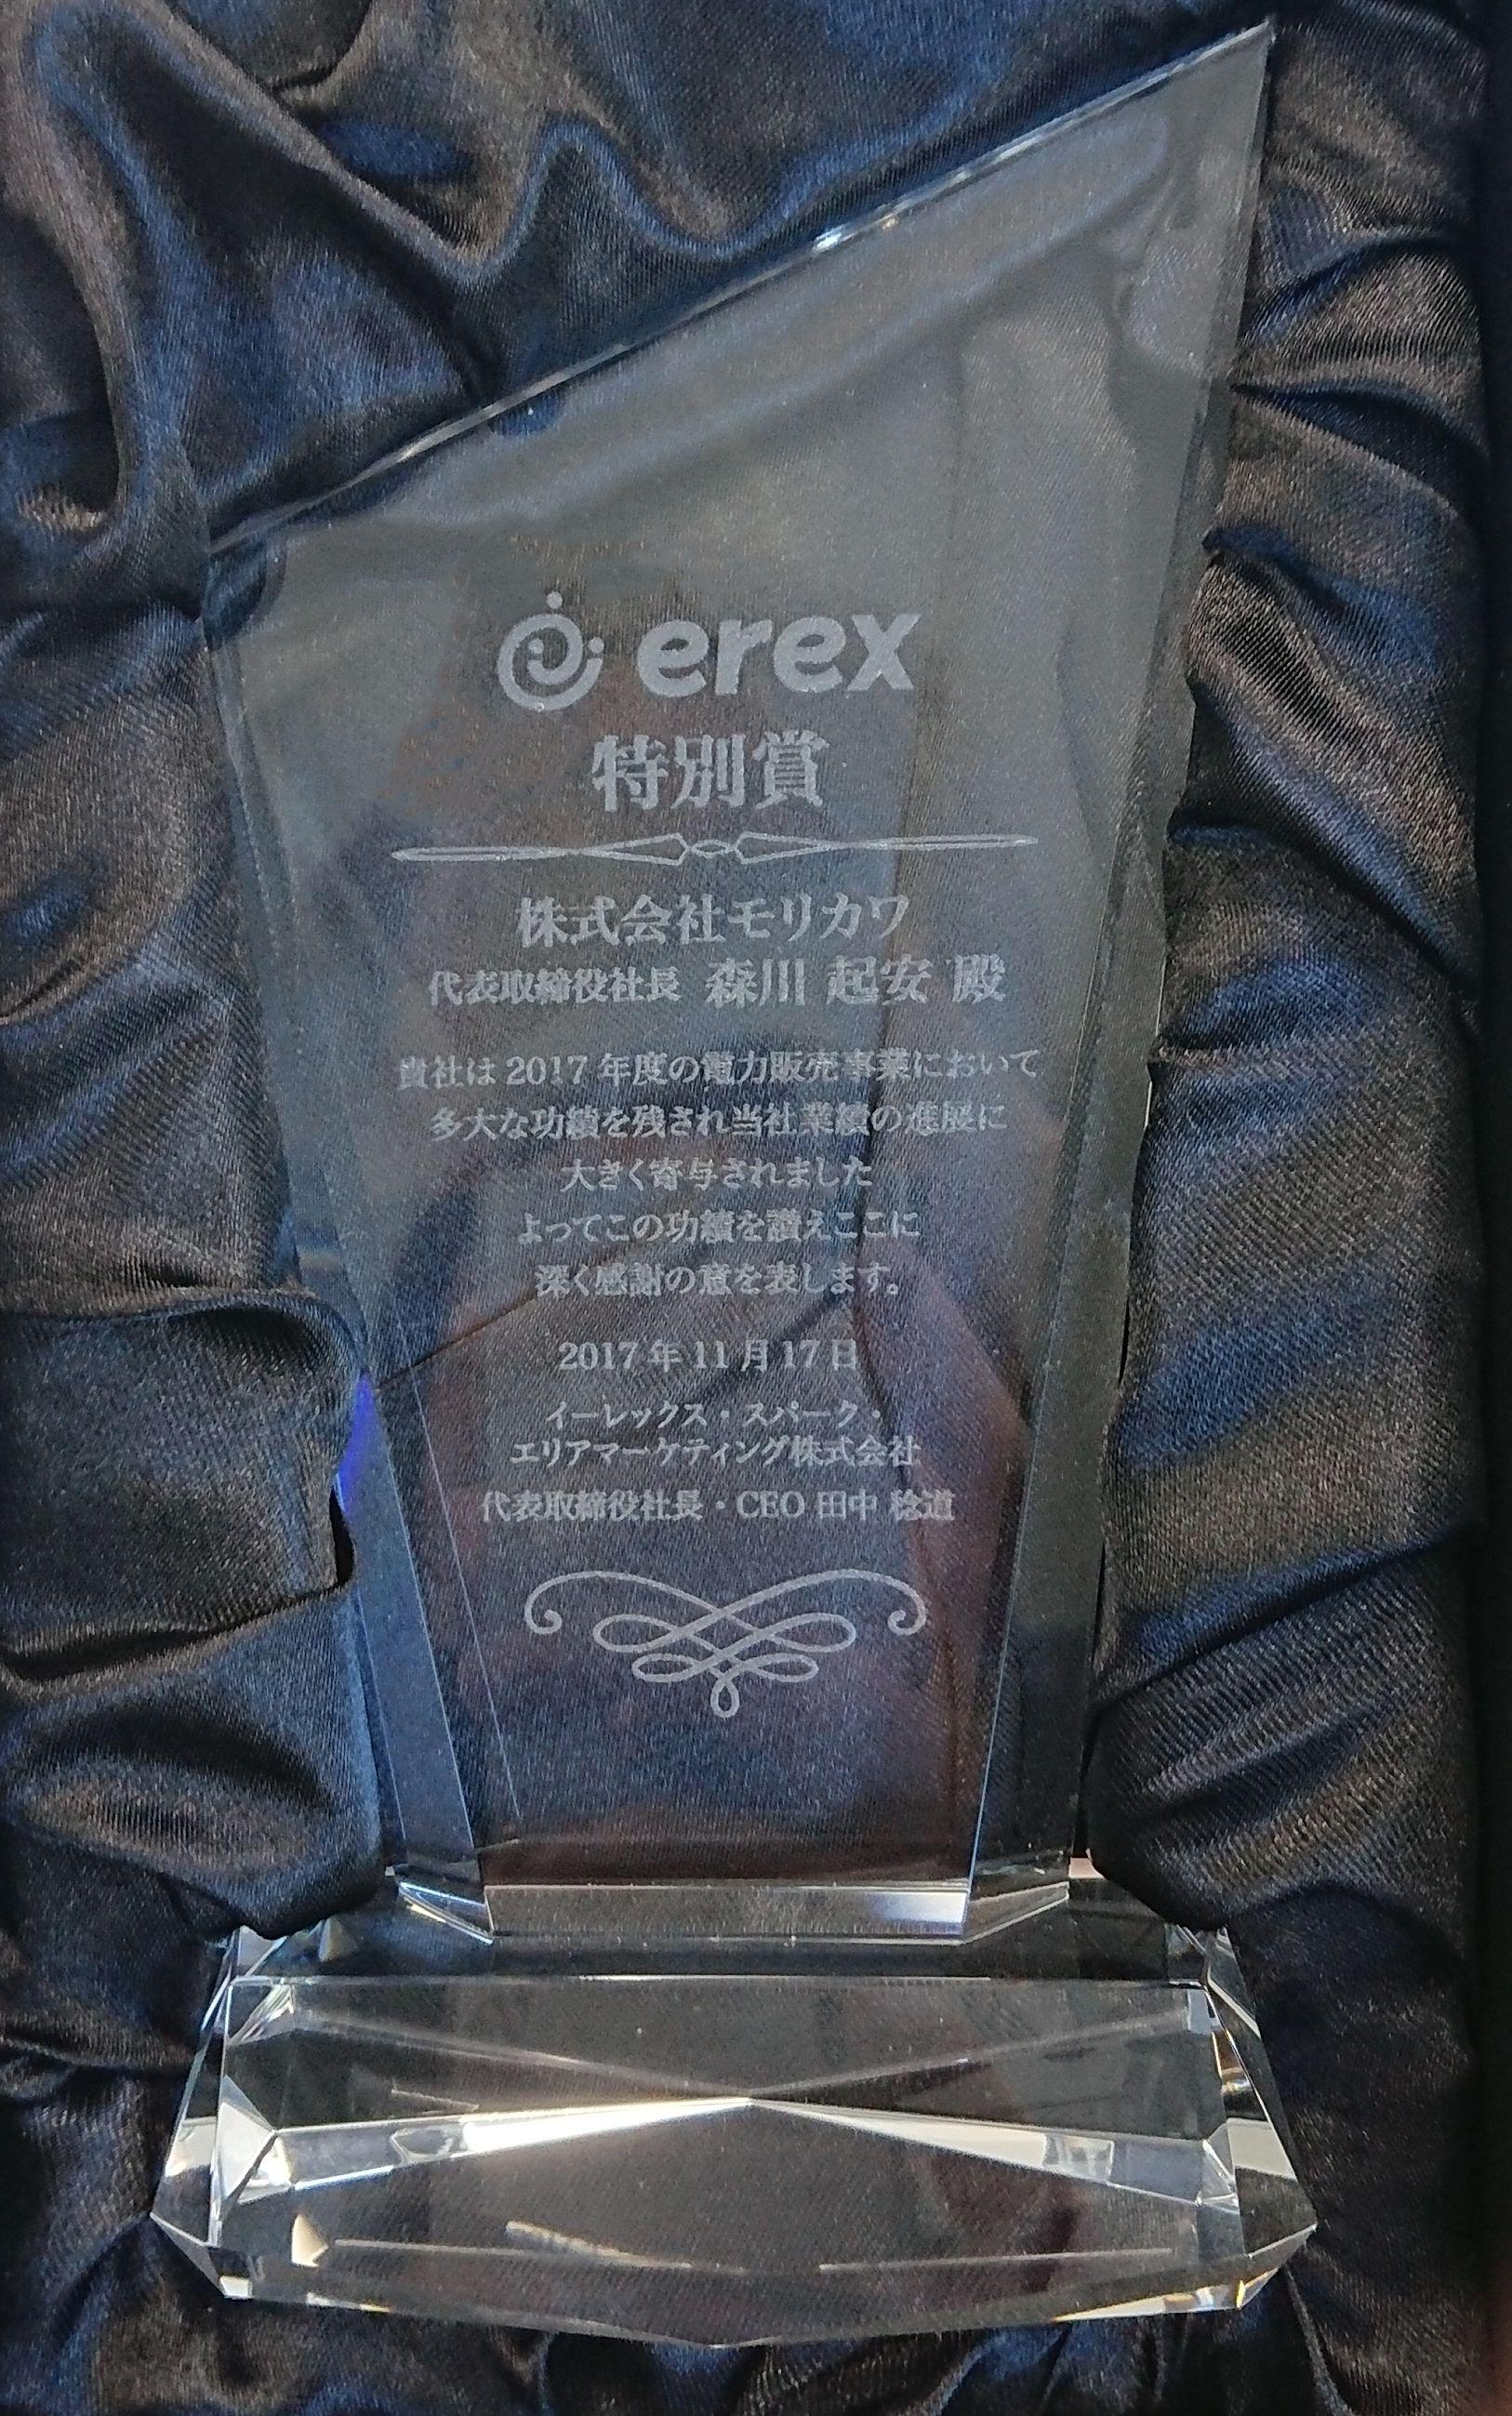 イーレックスより電力販売実績により特別賞を受賞